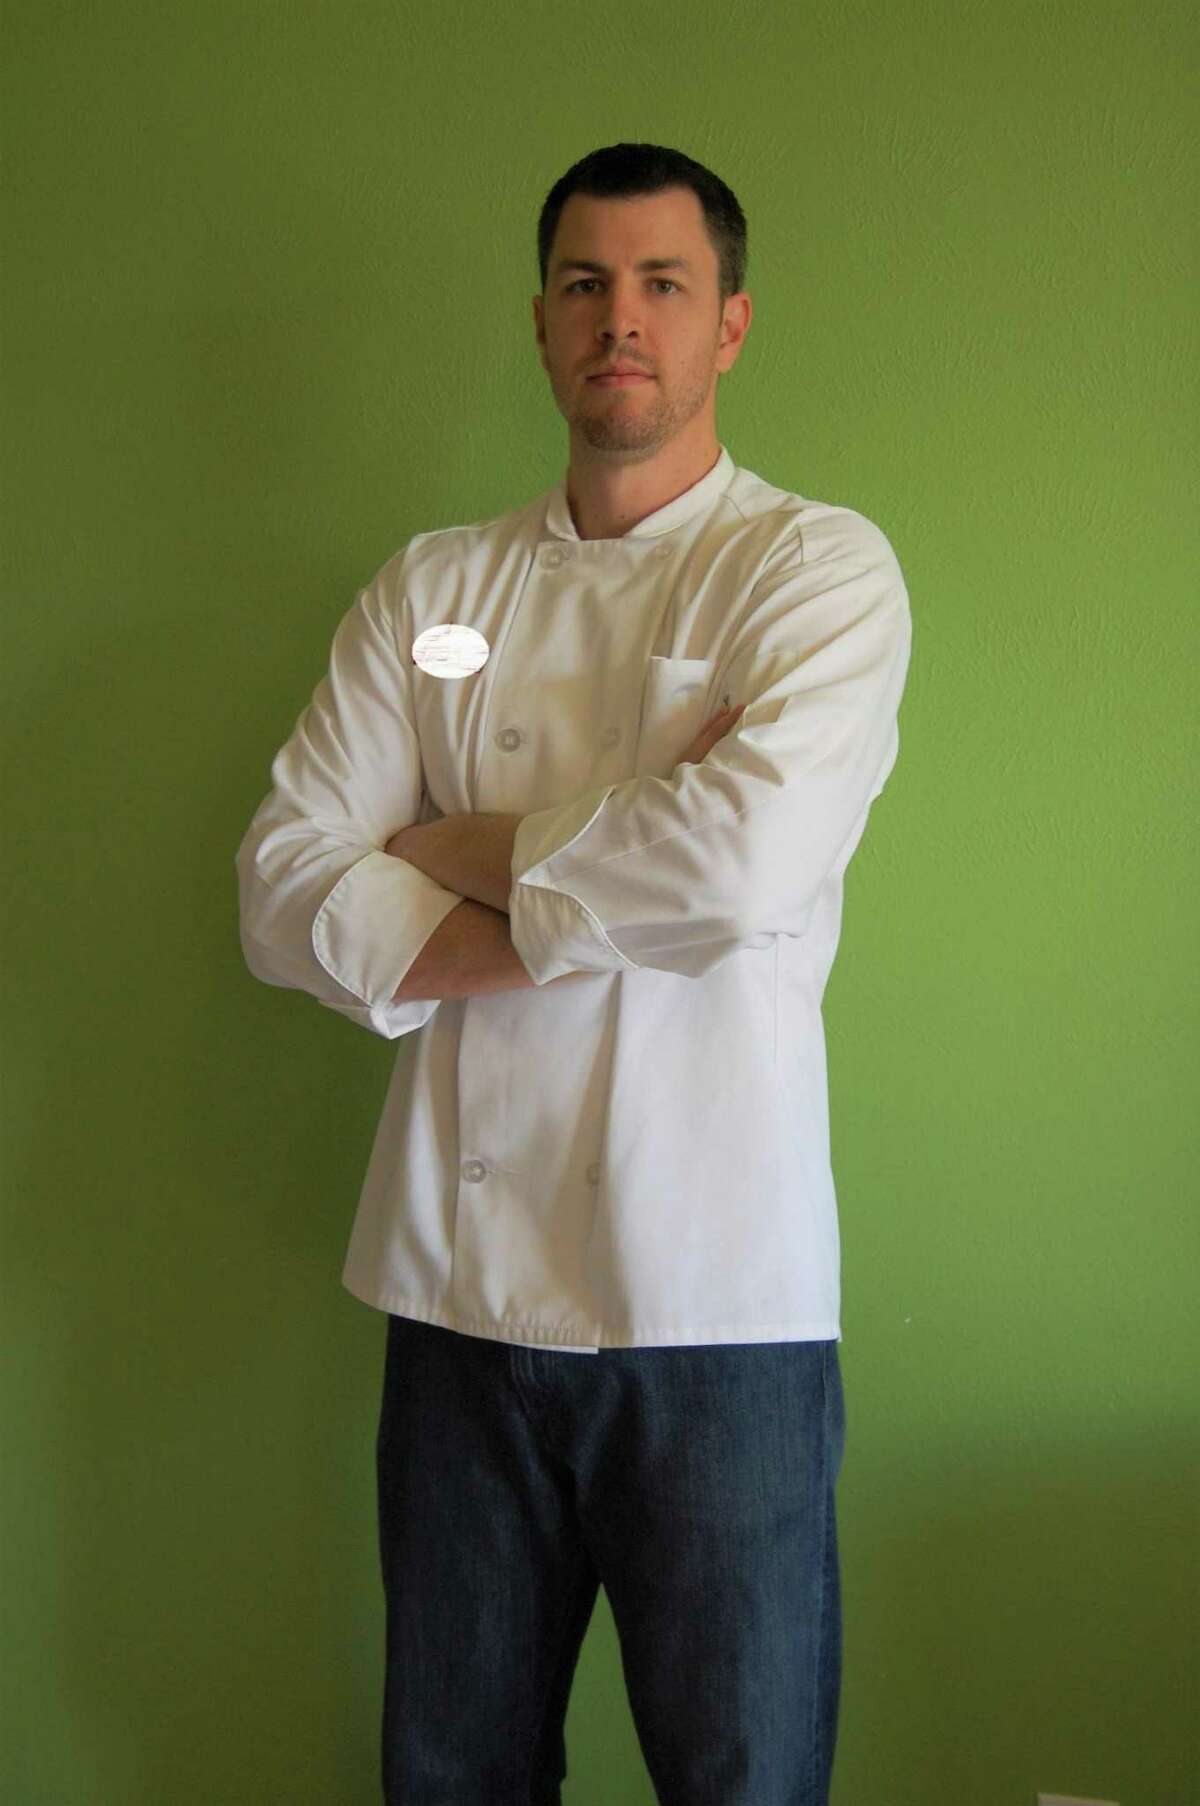 Chef Conor Moran of Katy